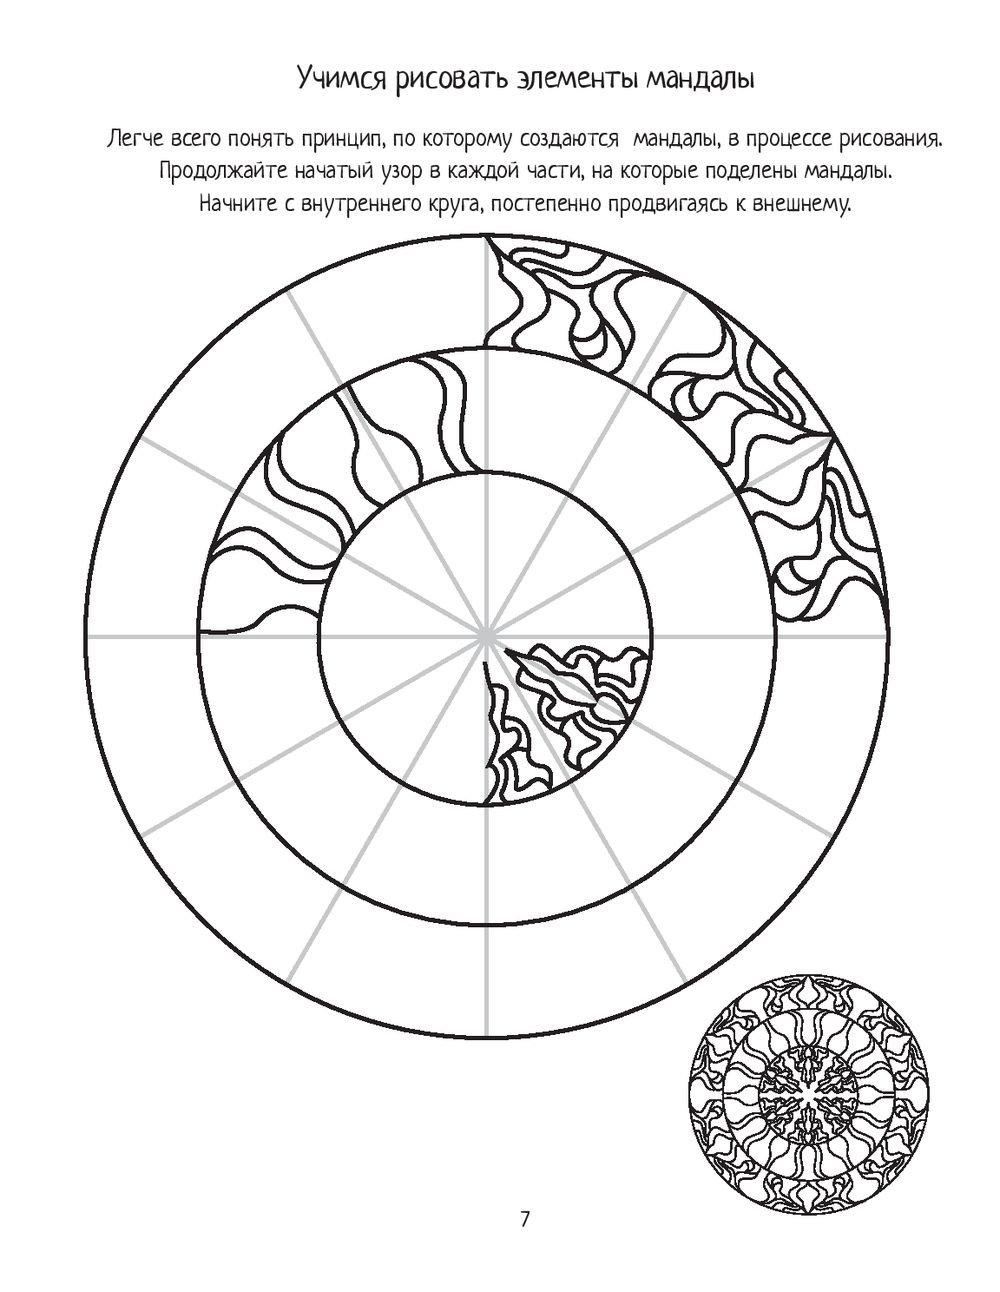 Пошаговая инструкция для начинающих: как нарисовать мандалу